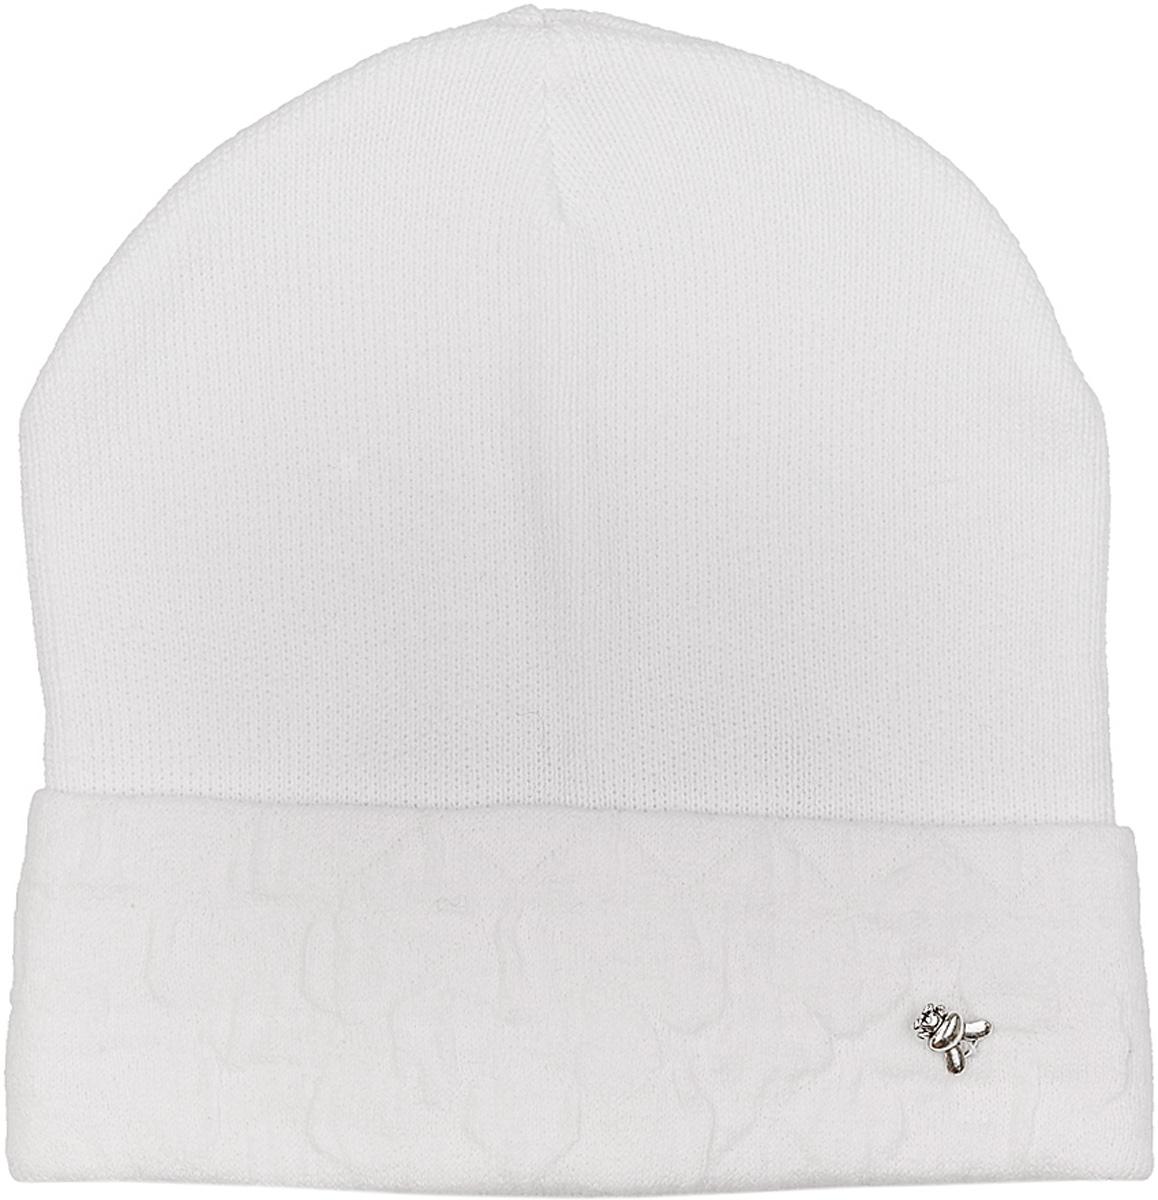 Шапка женская Marhatter, цвет: белый. MWH6595. Размер 56/58MWH6595Простая и стильная шапка из хлопка. На отвороте изделия ненавязчивый фактурный узор. Модель подойдет к любому гардеробу.